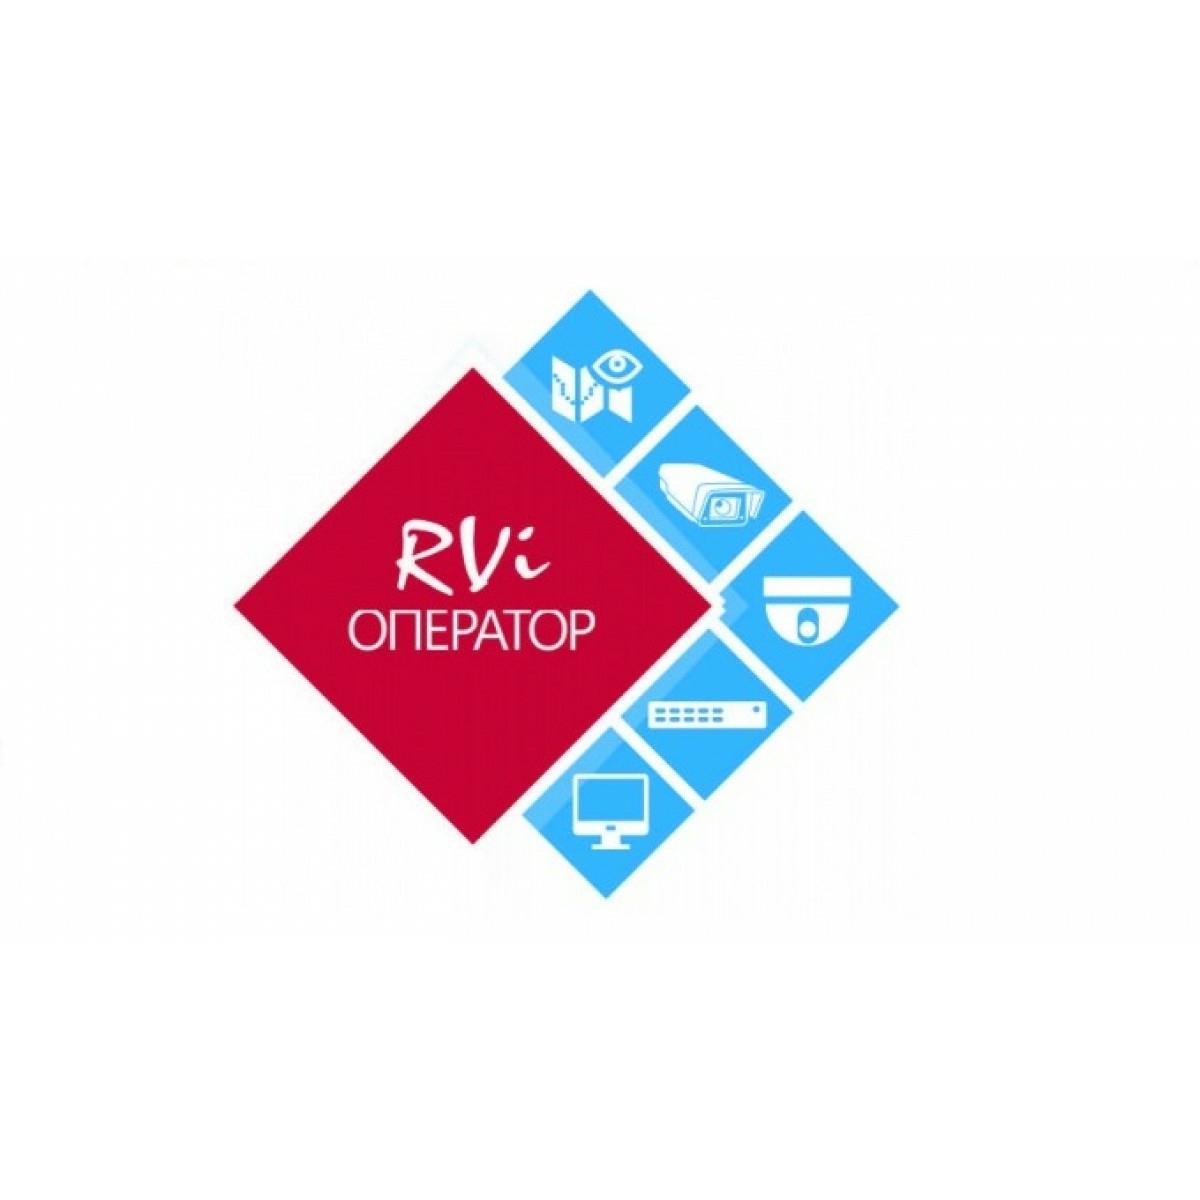 ПО RVi RVi Коммерческая лицензия ПО